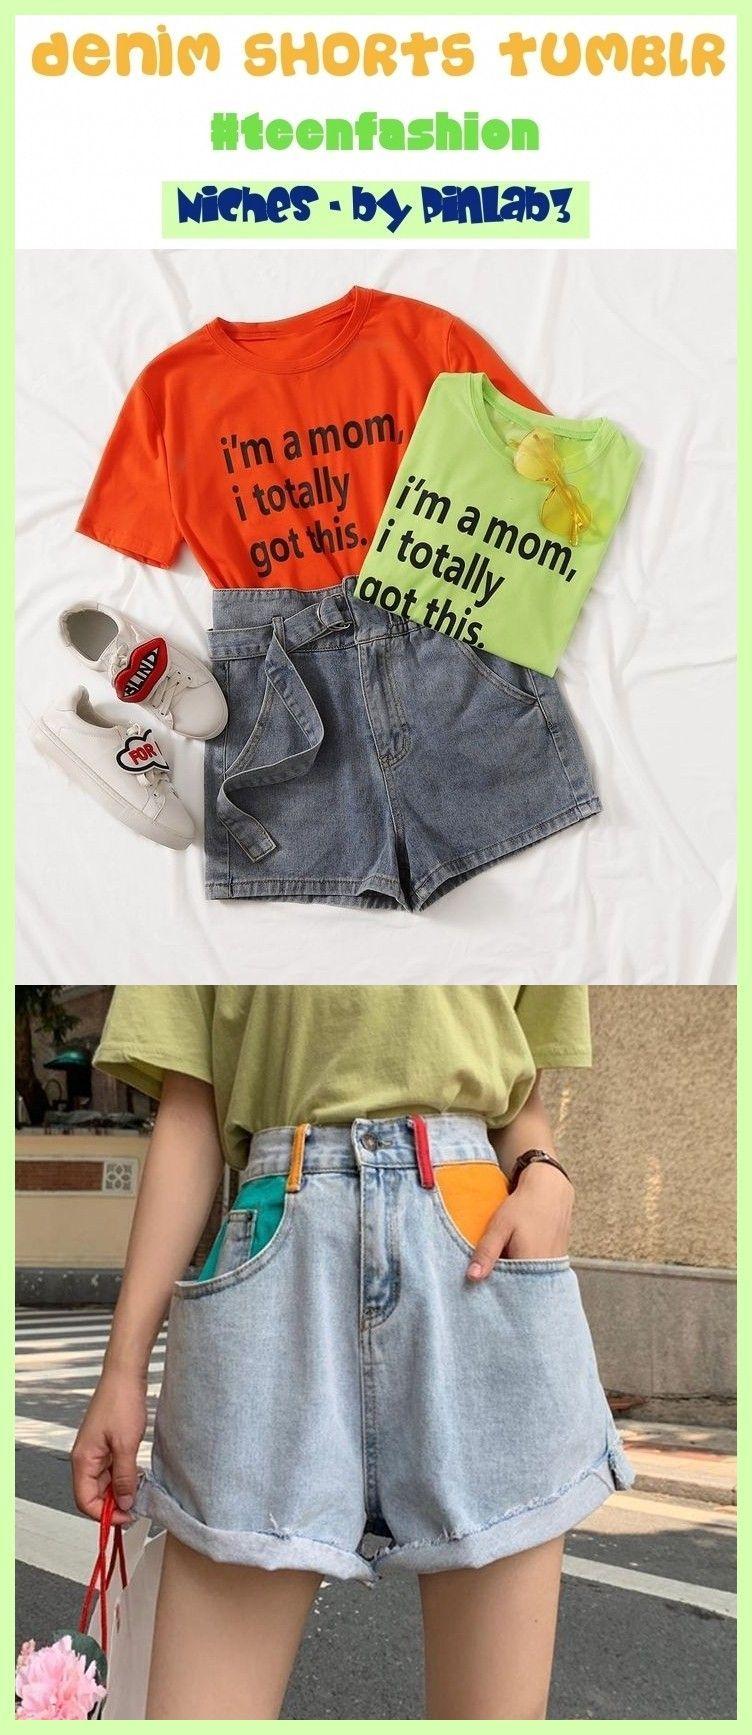 Denim Shorts Tumblr Denim Shorts Tumblr Jeansshorts Tumblr Jeansshorts Tumblr Short En In 2020 Vintage Denim Shorts Denim Shorts Women High Waisted Shorts Denim